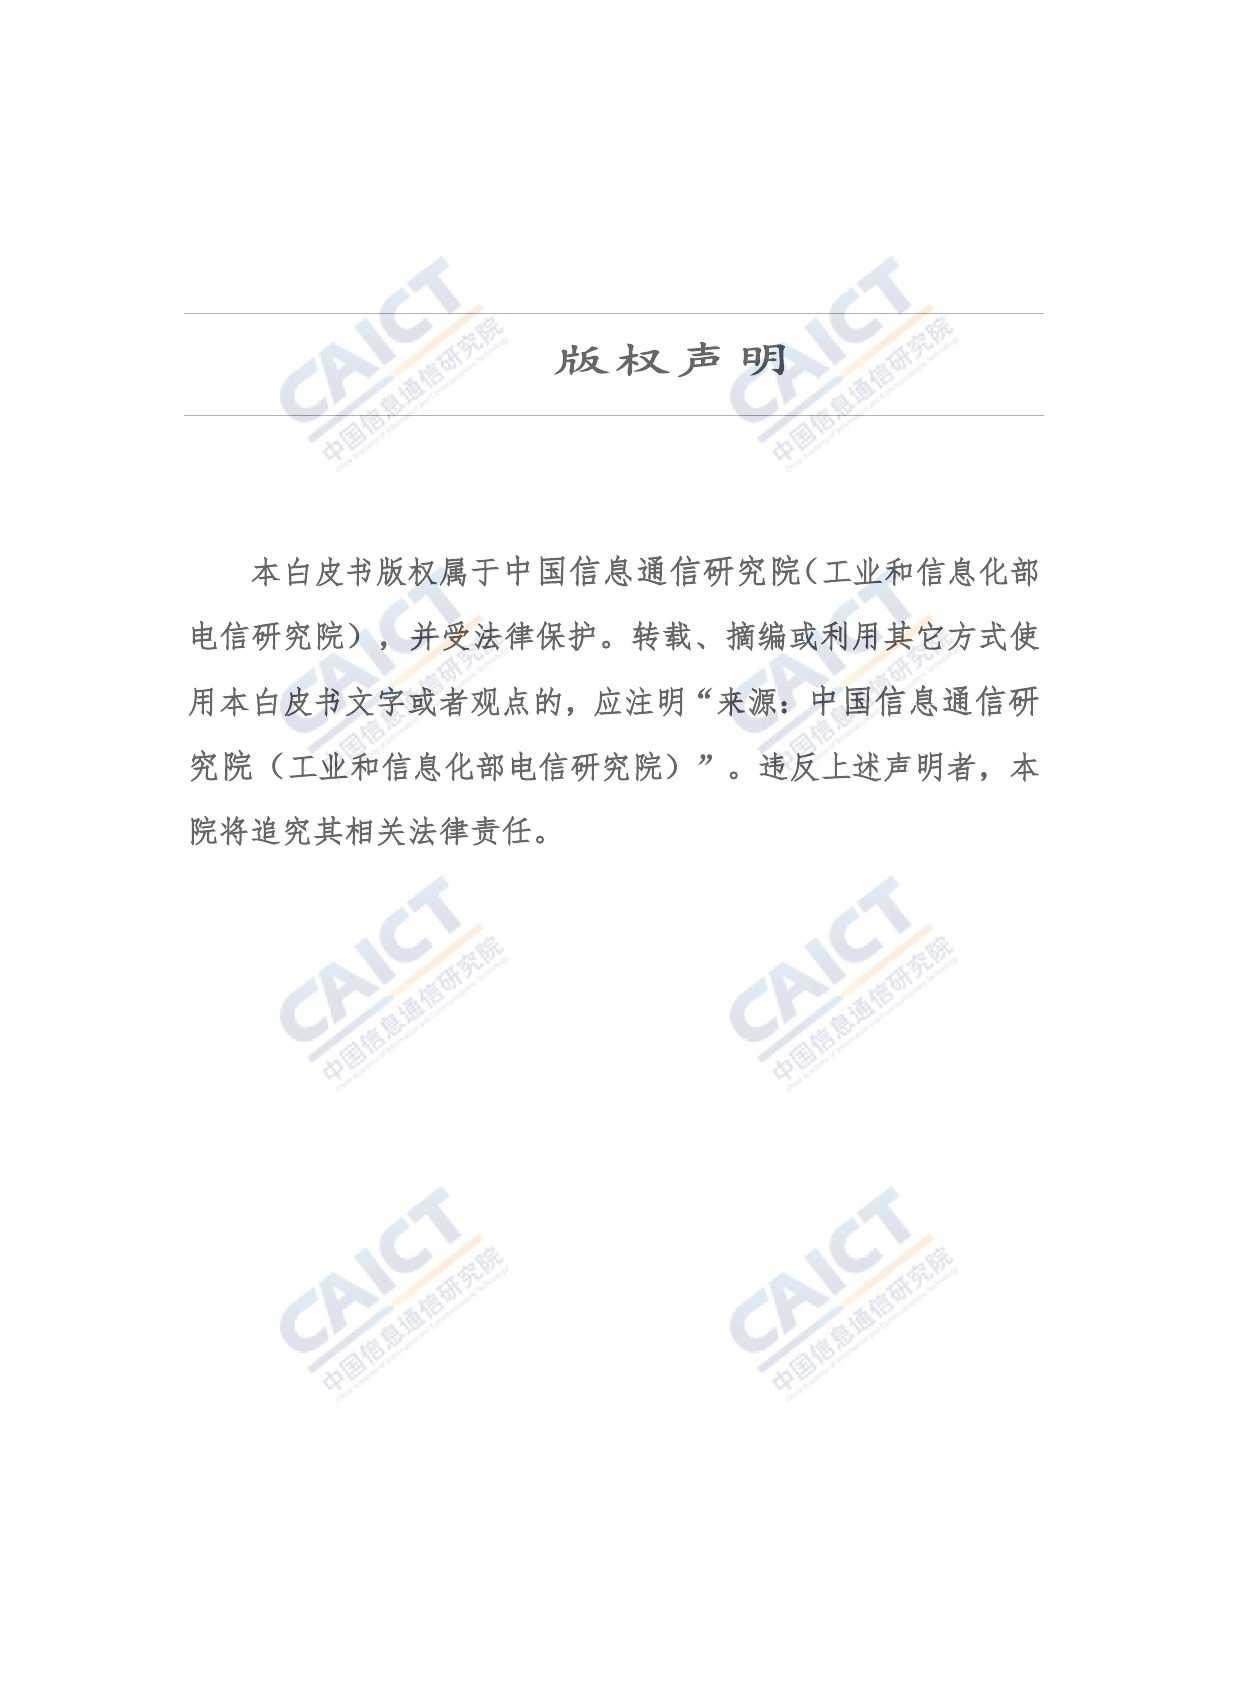 中国信息通信研究院:2015年物联网白皮书_000002